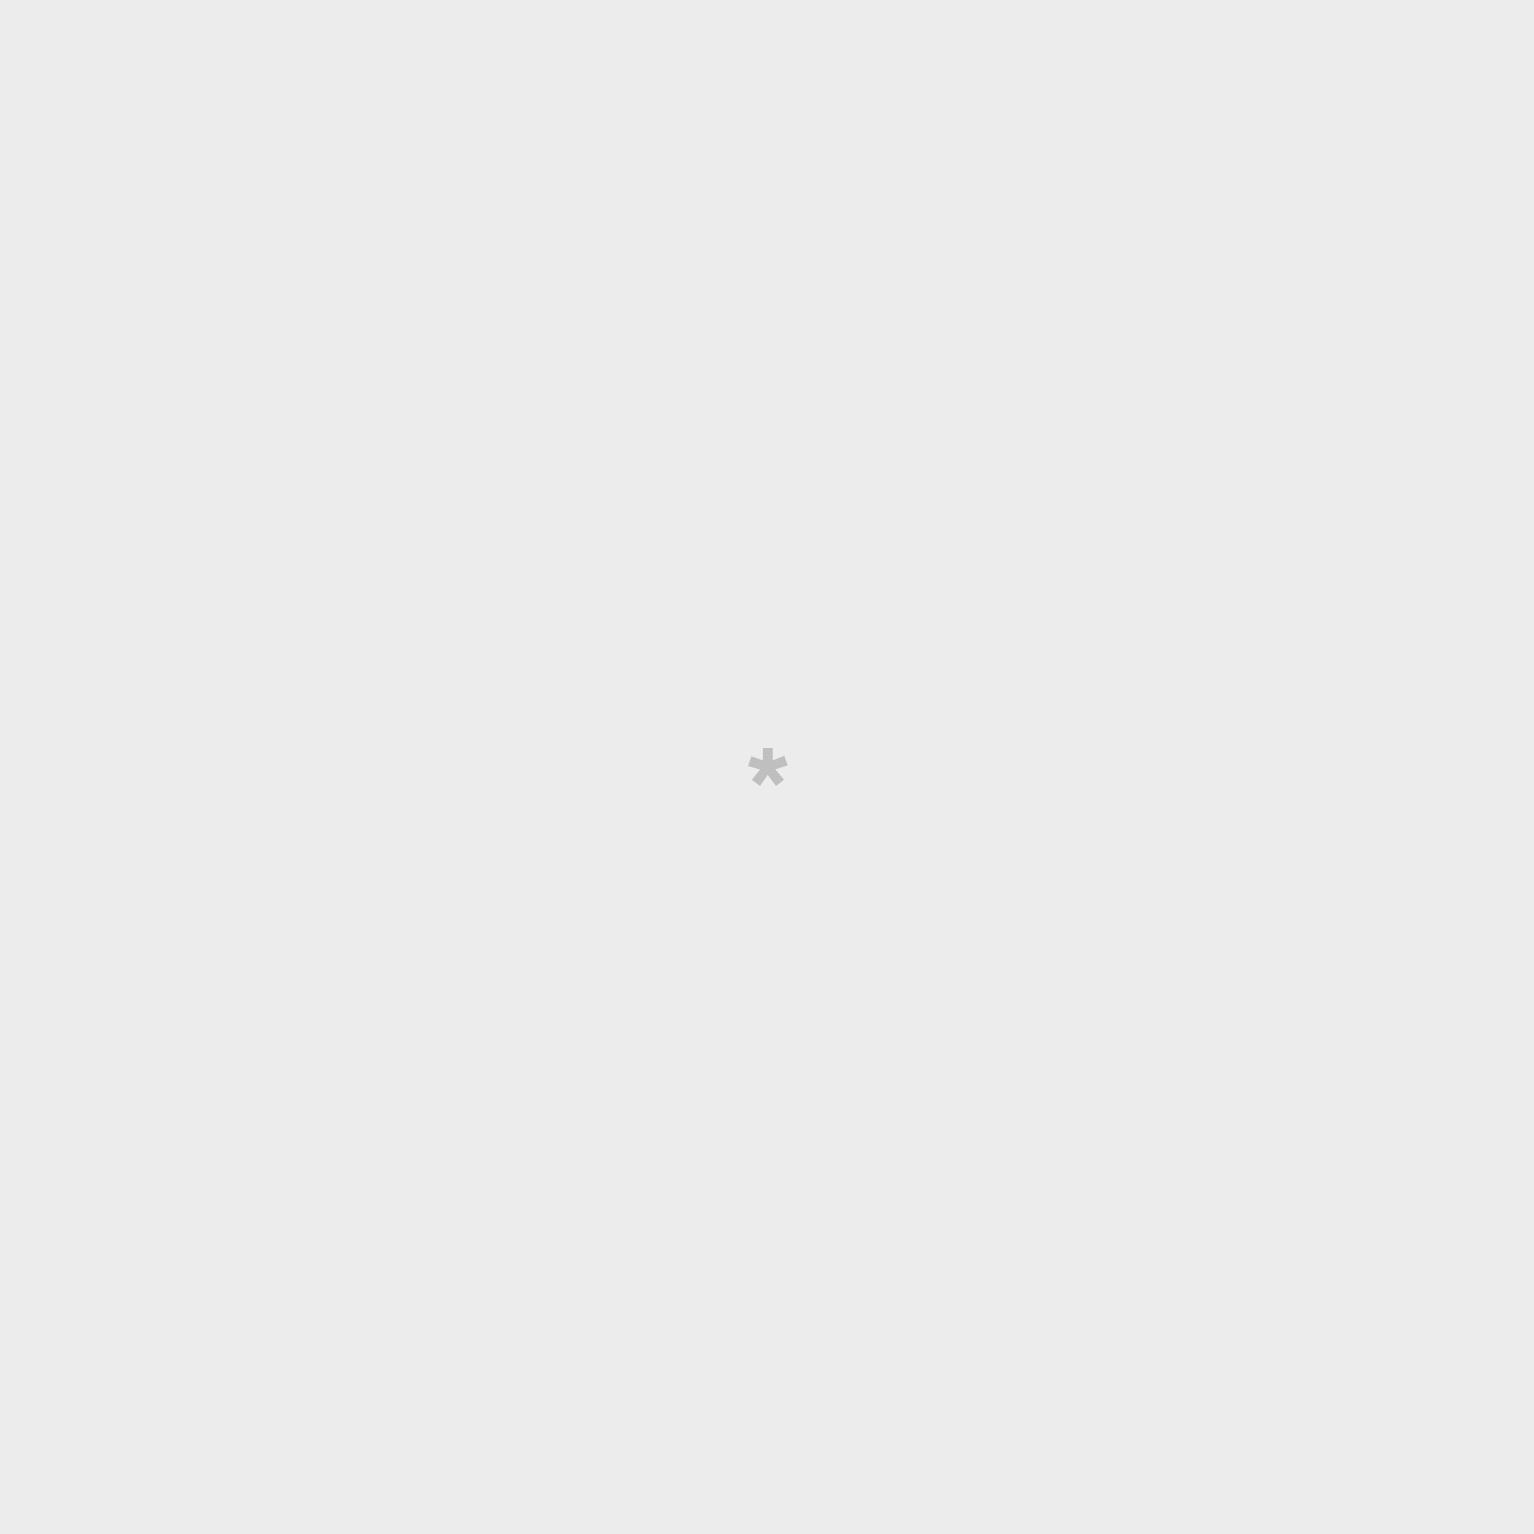 Planificador de productividad - Aquí hay tiempo para darlo todo